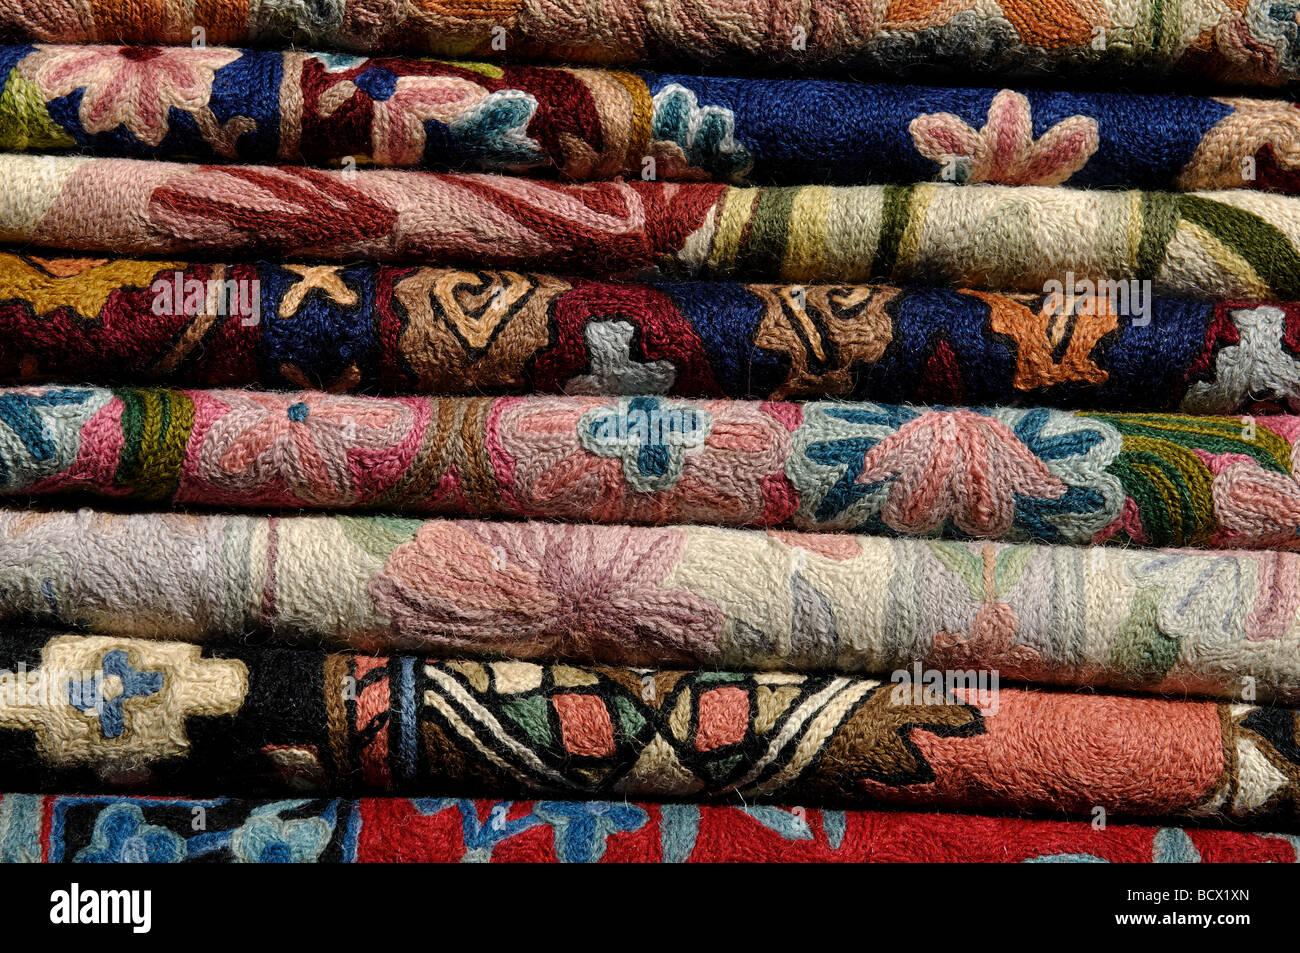 Kashmir kilim rugs on sale, UK - Stock Image